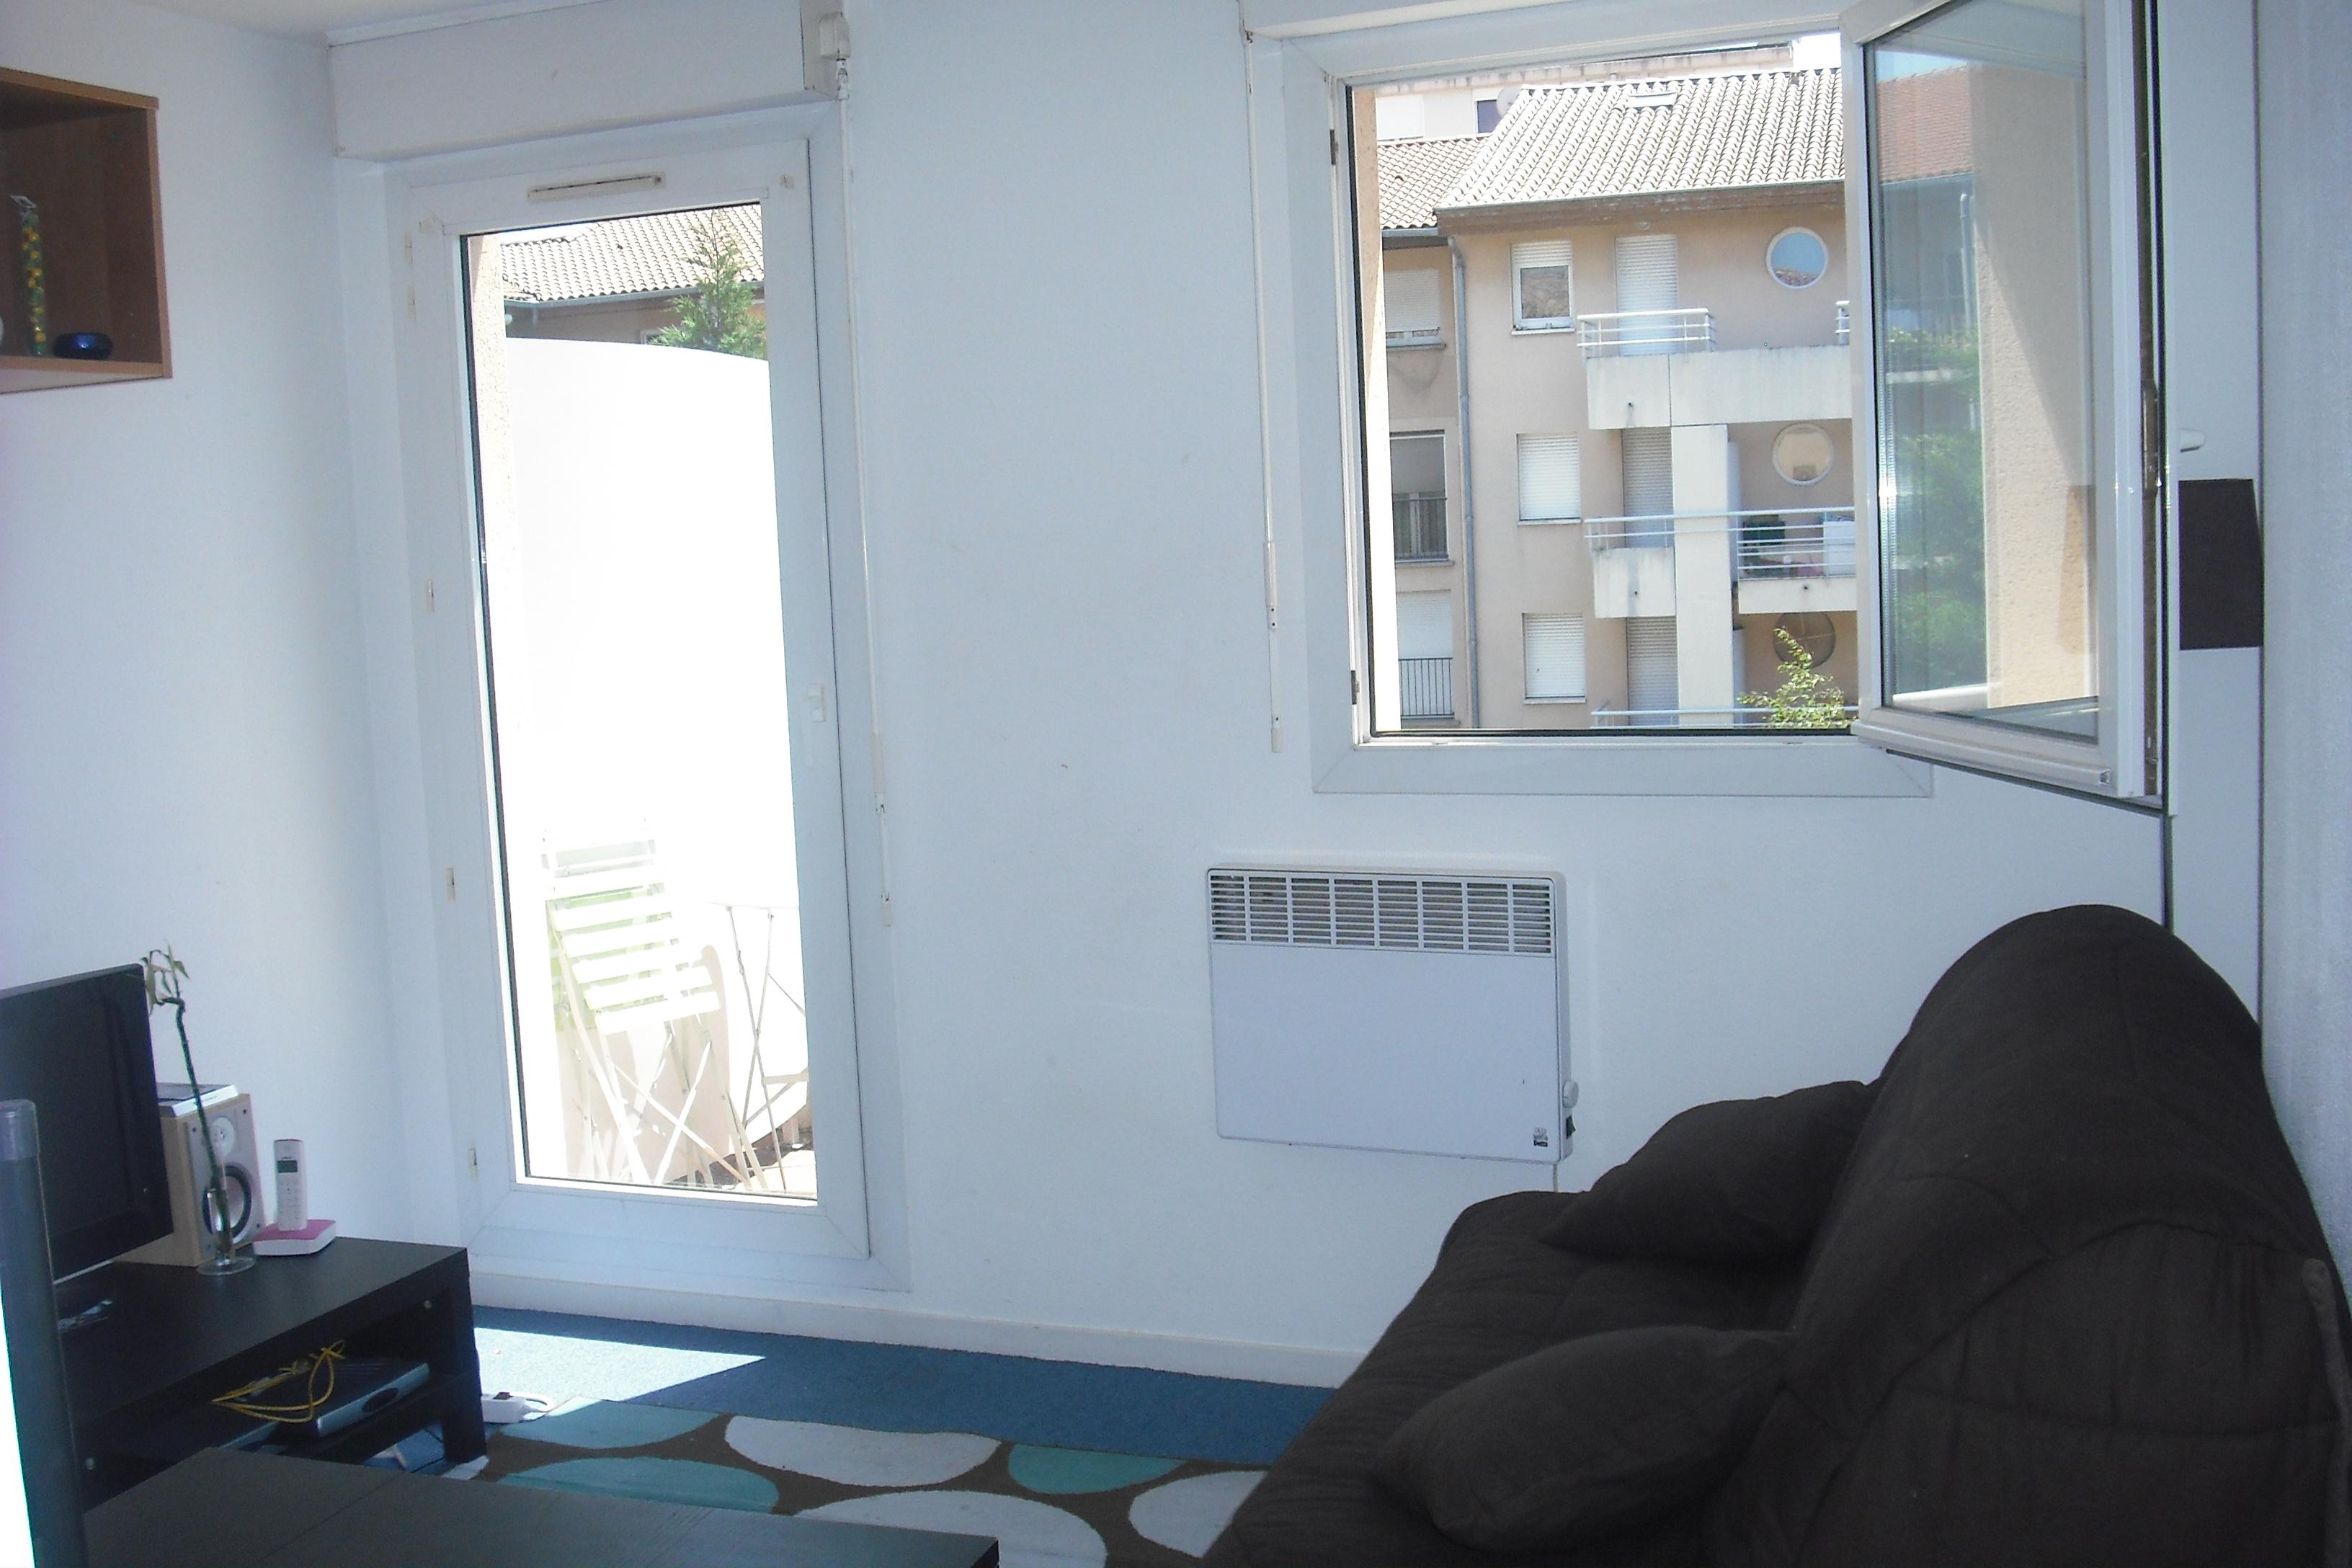 studios toulouse site de particuliers photos. Black Bedroom Furniture Sets. Home Design Ideas